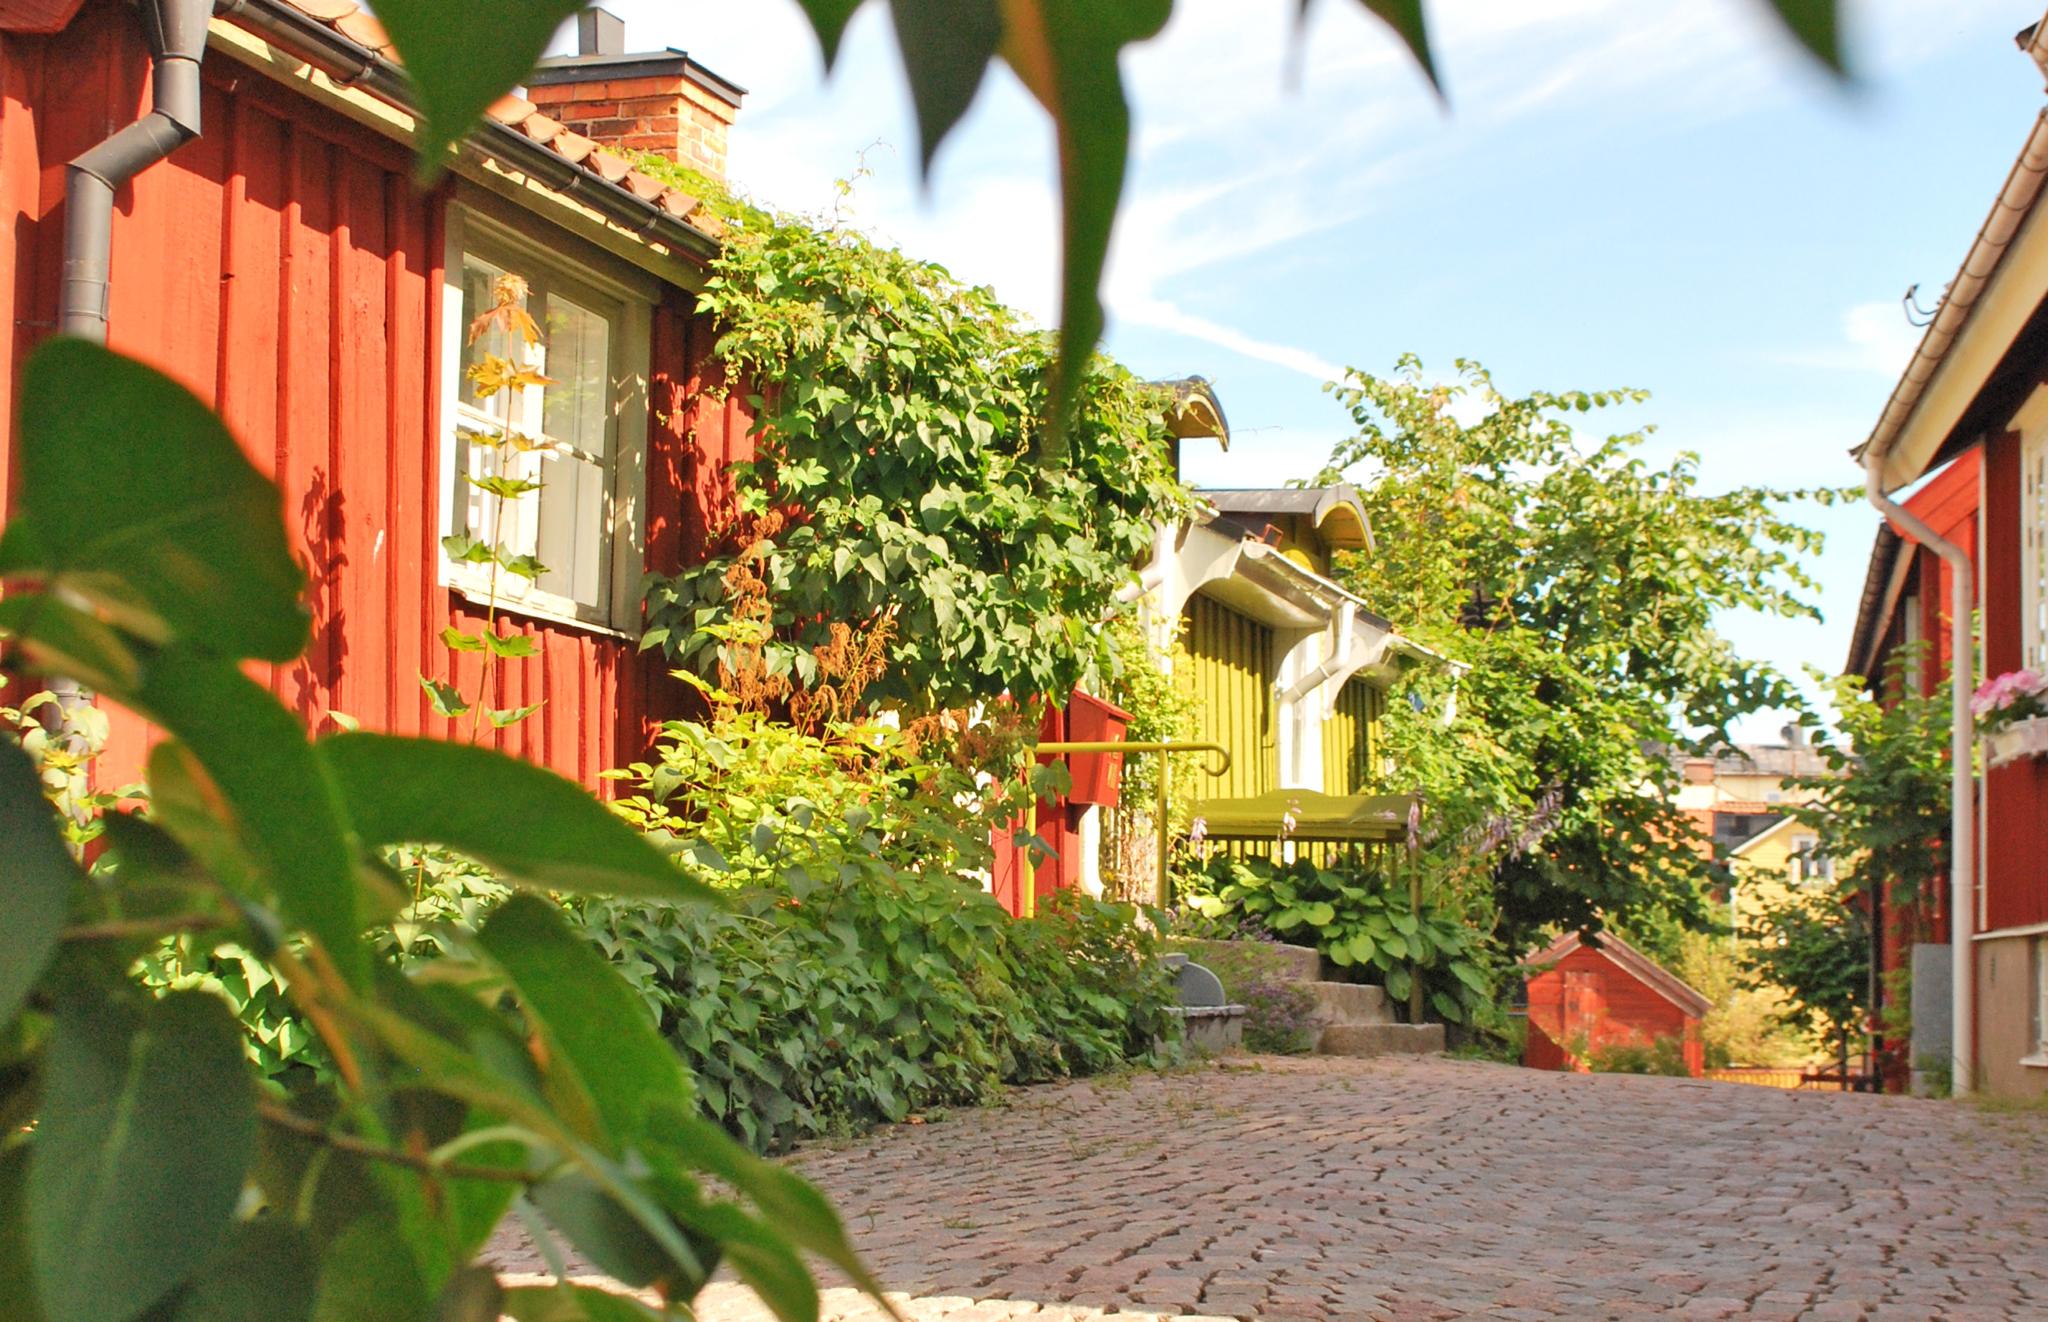 In the footsteps of Astrid Lindgren